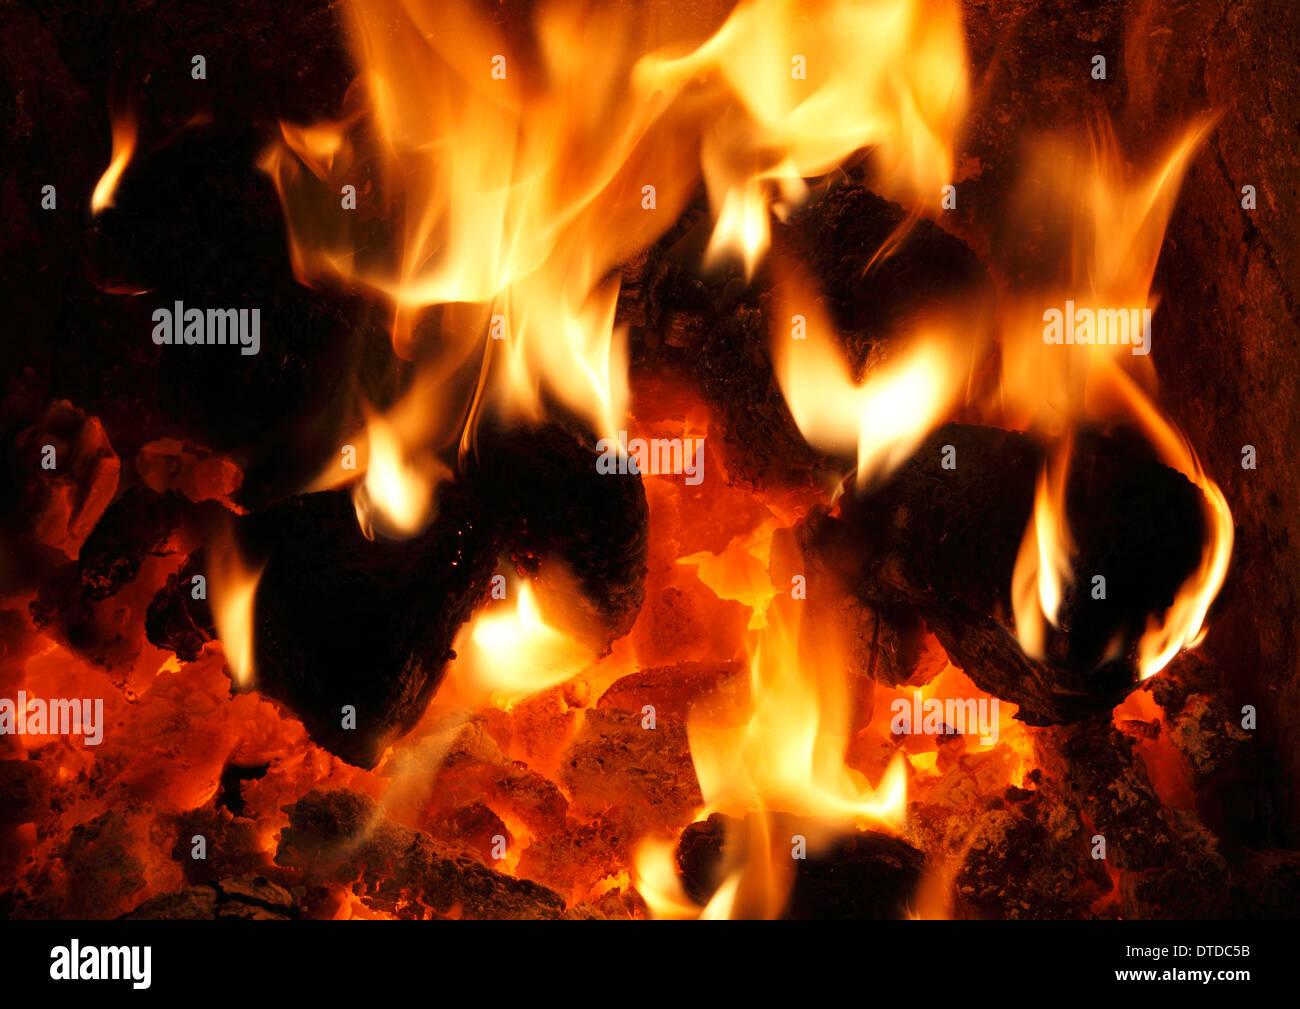 Il combustibile solido, carbone nazionale Fire, bruciando, fiamme, fiamme cuore fireside energia termica incendi di potenza di calore caldo home incendi Immagini Stock